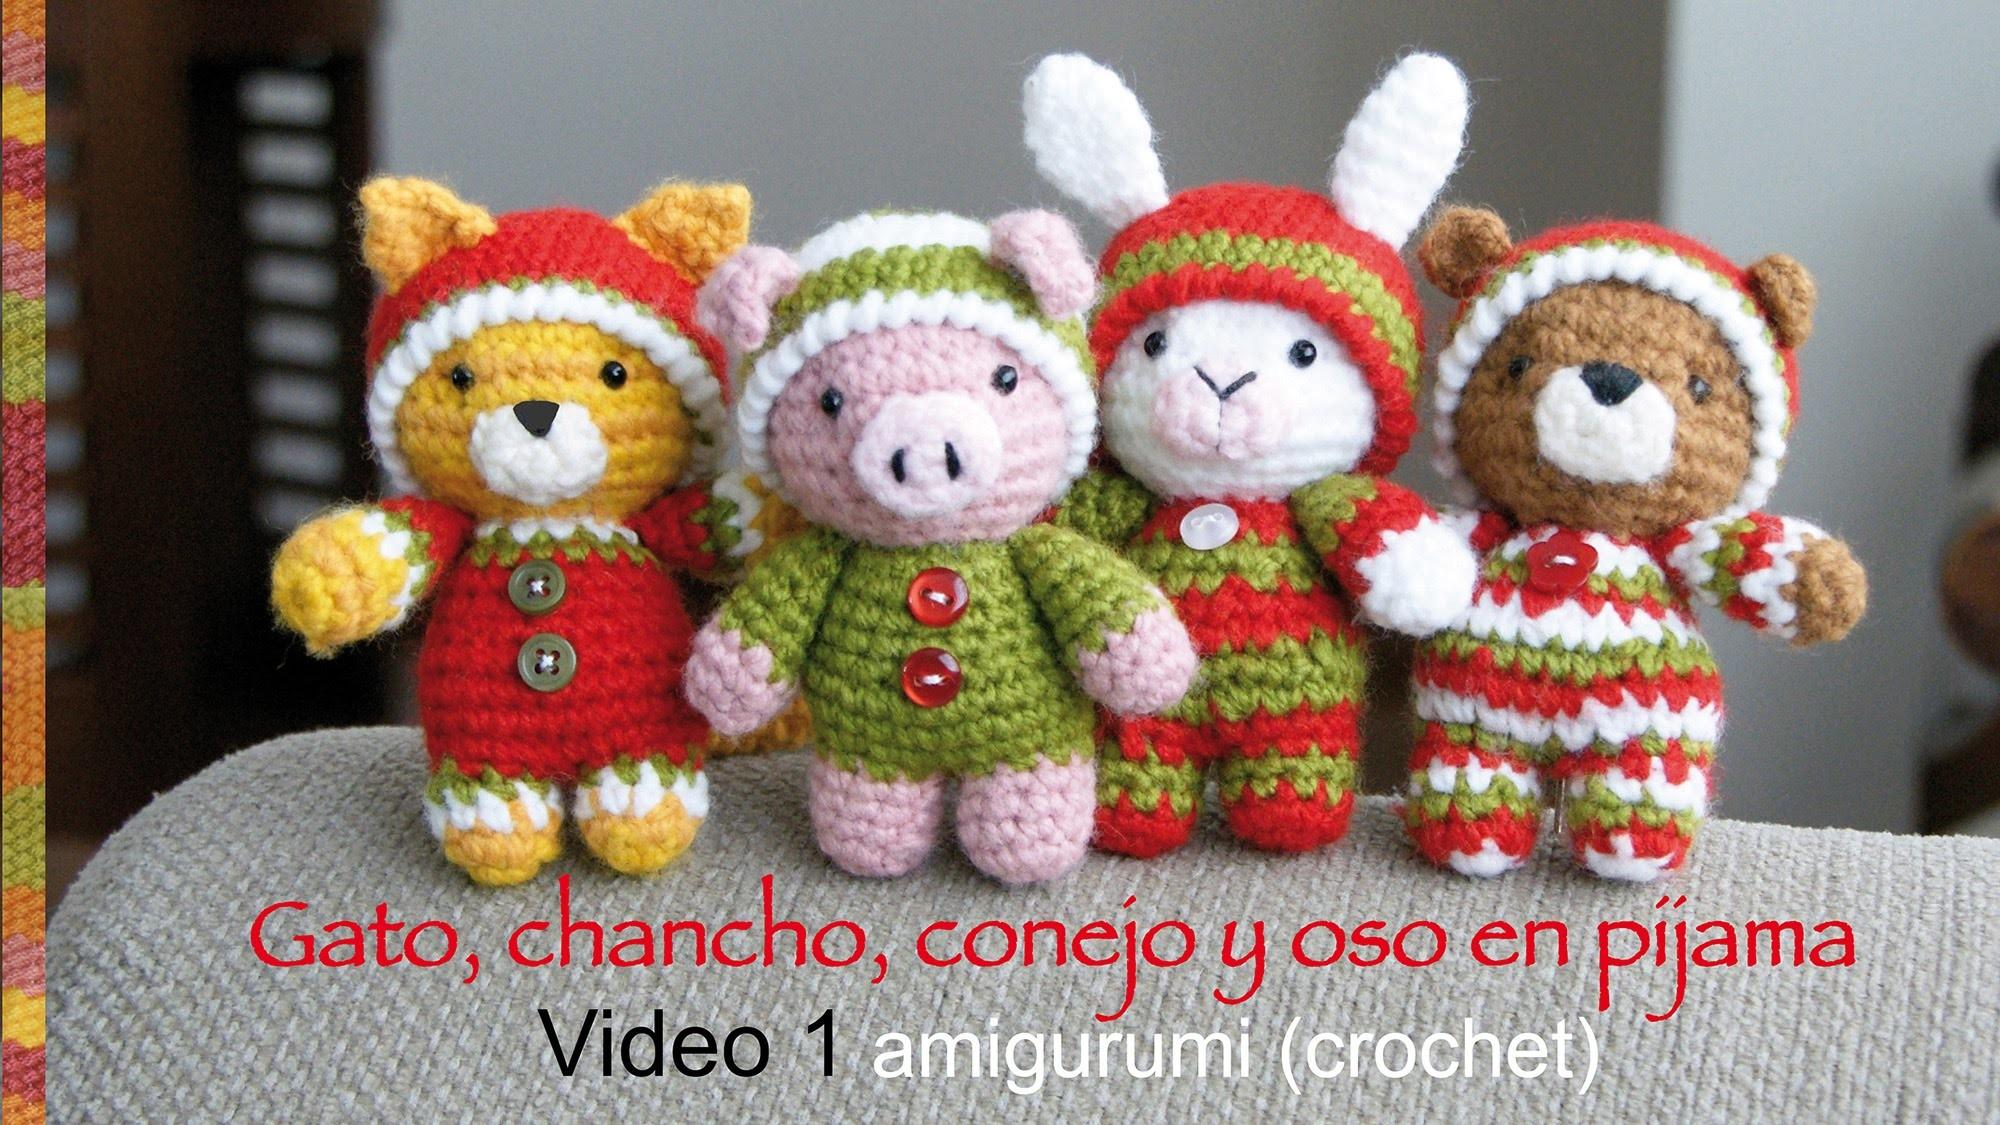 Oso, gato, chancho y conejo bebés en pijamas esperando Navidad (crochet-amigurumi) Parte 1